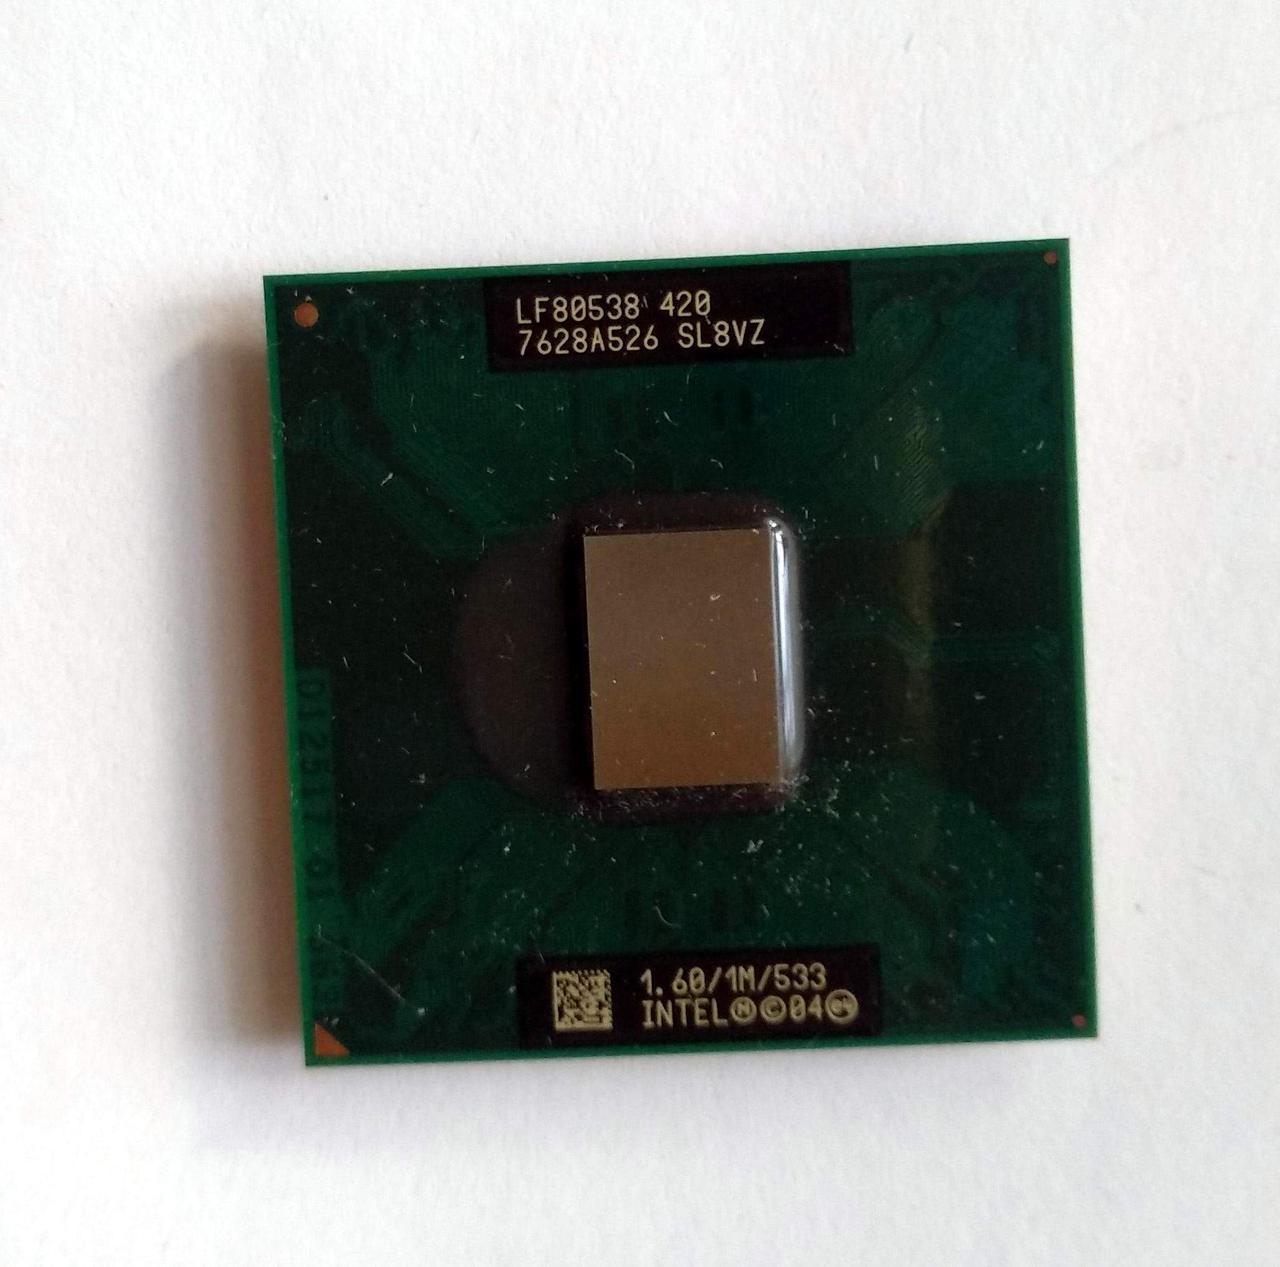 468 Intel Celeron 420 Mobile 1600 MHz SL8VZ Socket M / mPGA478MT 1 ядро 32 бита Процессор для ноутбуков